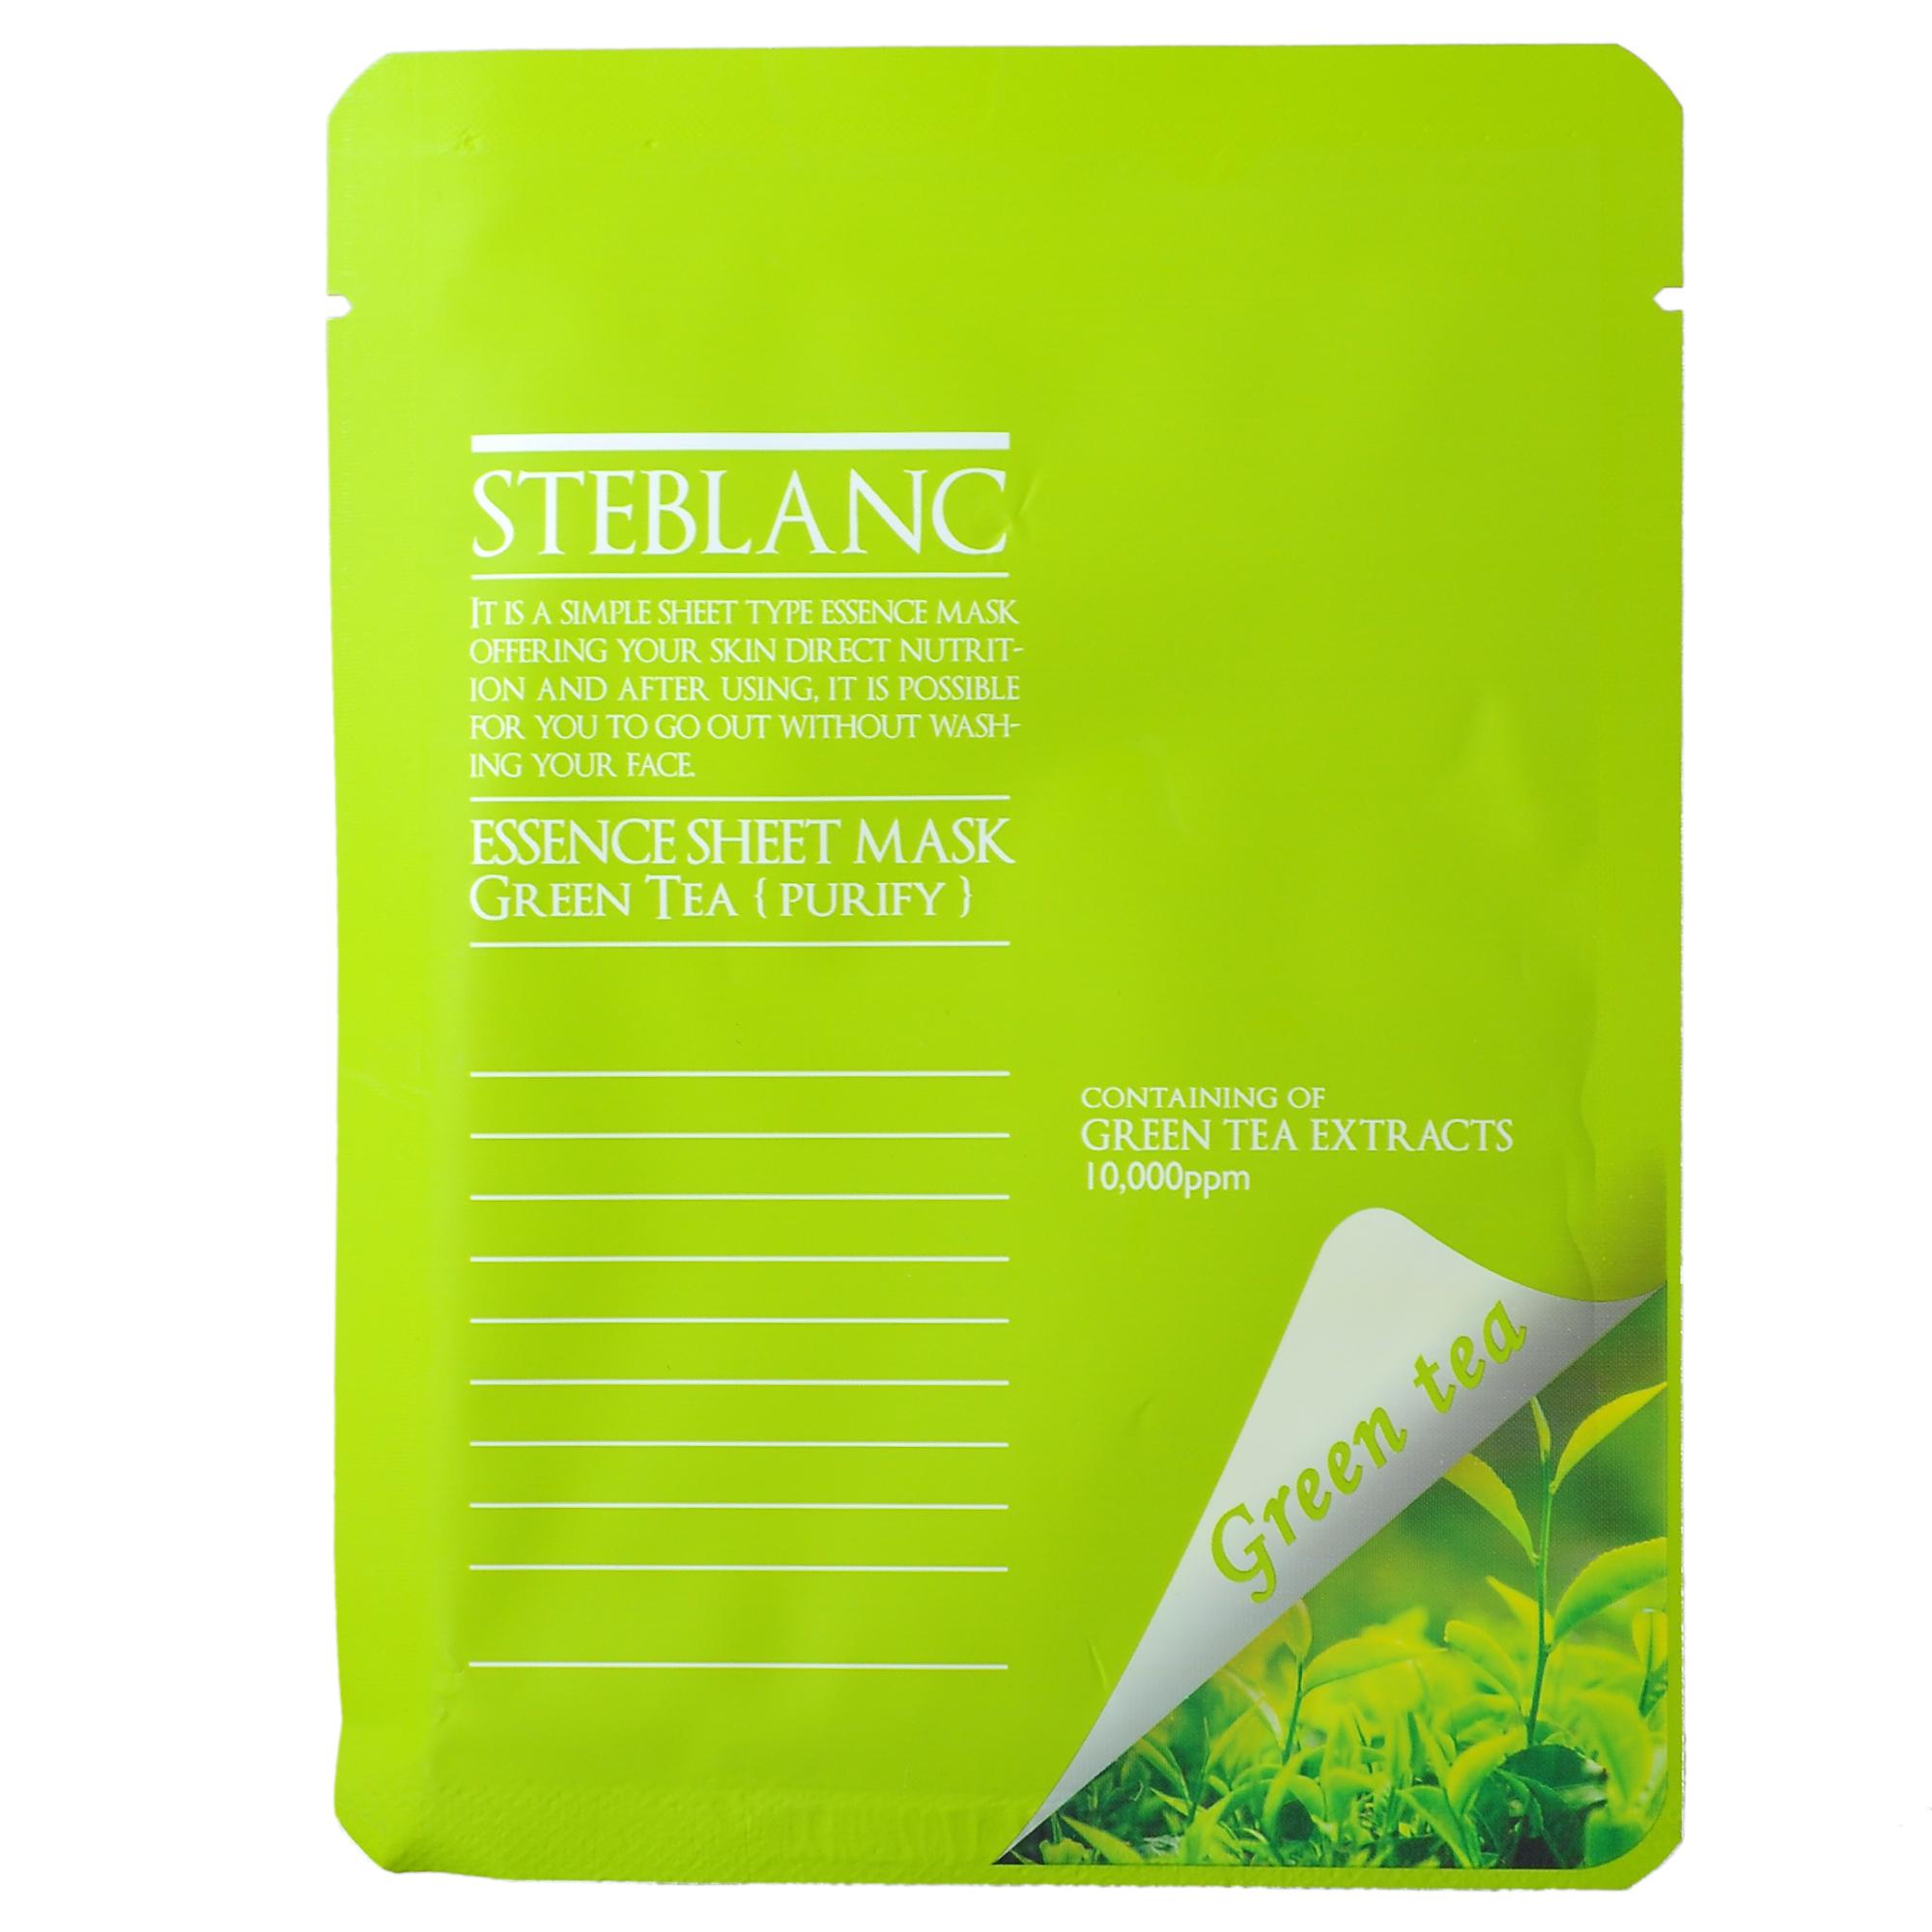 STEBLANC Маска очищающая с экстрактом зеленого чая для лица / ESSENCE SHEET MASK 20гр